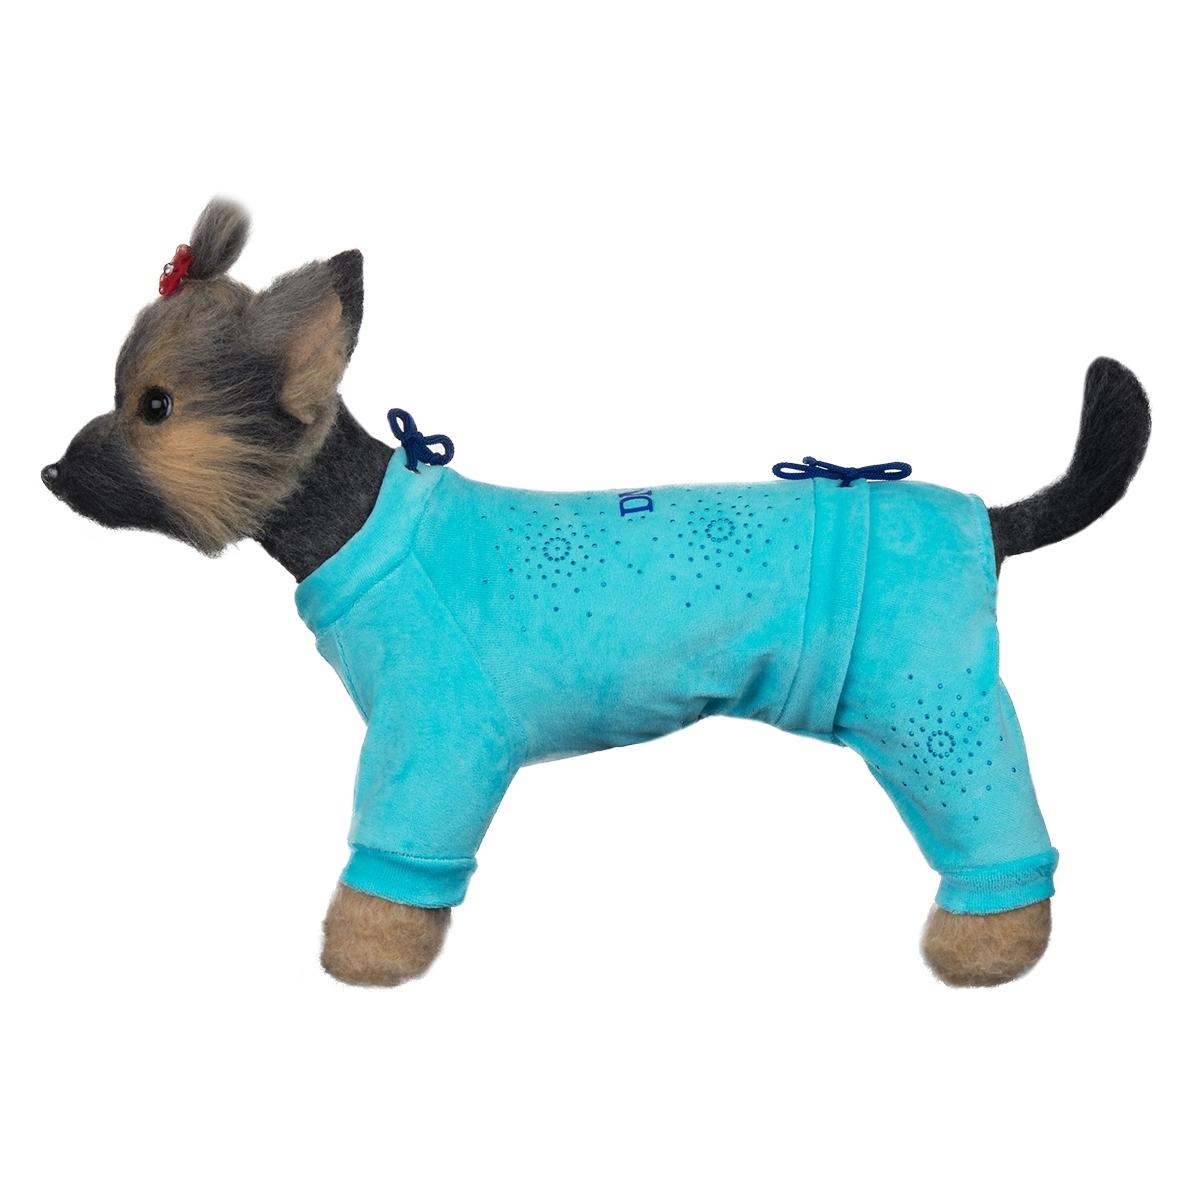 Комбинезон для собак Dogmoda Галактика, цвет: голубой. Размер 4 (XL)DM-160107-4Красивый и уютный комбинезон Dogmoda Галактика изготовлен из качественного велюра на основе хлопка. На спинке комбинезон декорирован стразами и термоаппликацией. Два шнурка-утяжки - на шее и животе, позволят этому комбинезону идеально сидеть на собаке любого телосложения. Рукава дополнены мягкими широкими манжетами. Около задних лап края собраны на внутреннюю резинку.Обхват шеи: 33 см.Обхват груди: 52 см.Длина по спинке: 32 см.Одежда для собак: нужна ли она и как её выбрать. Статья OZON Гид